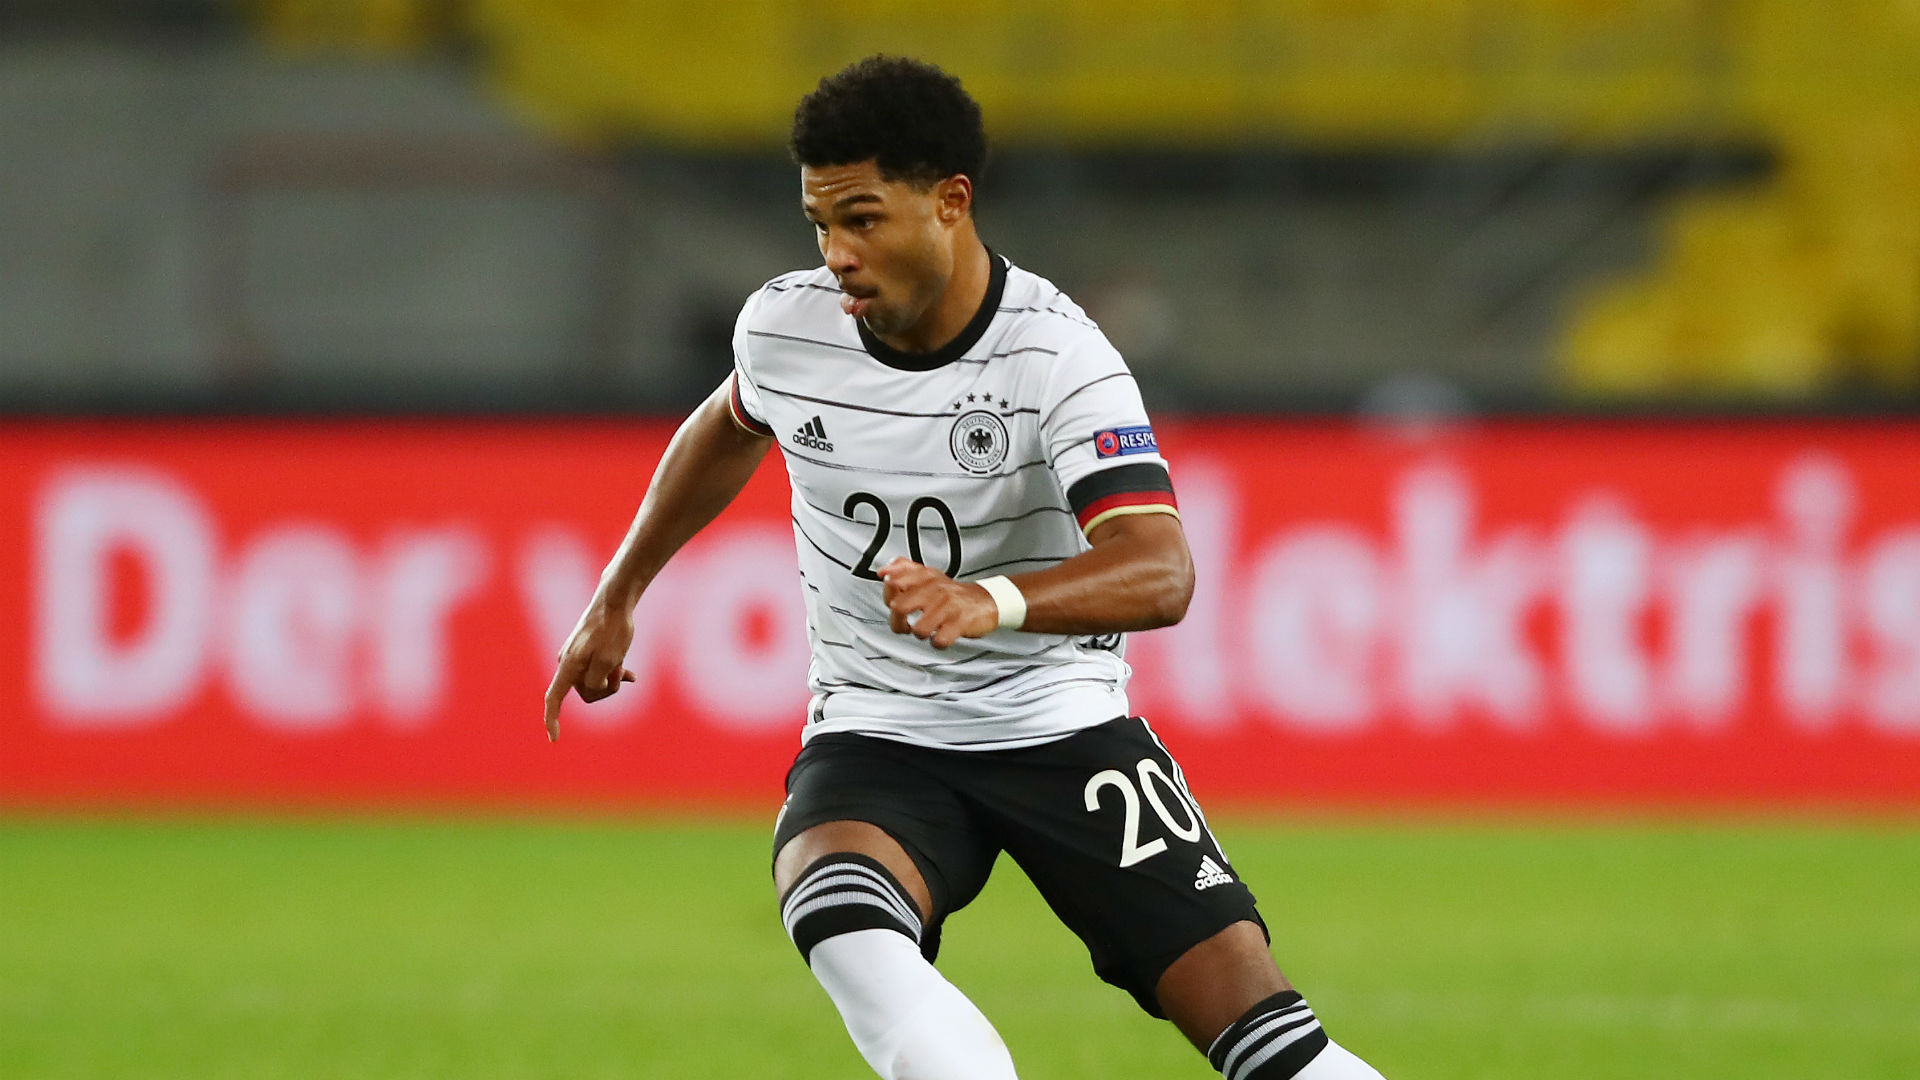 Germany 3-3 Switzerland: Gnabry rescues Die Mannschaft in Nations League thriller